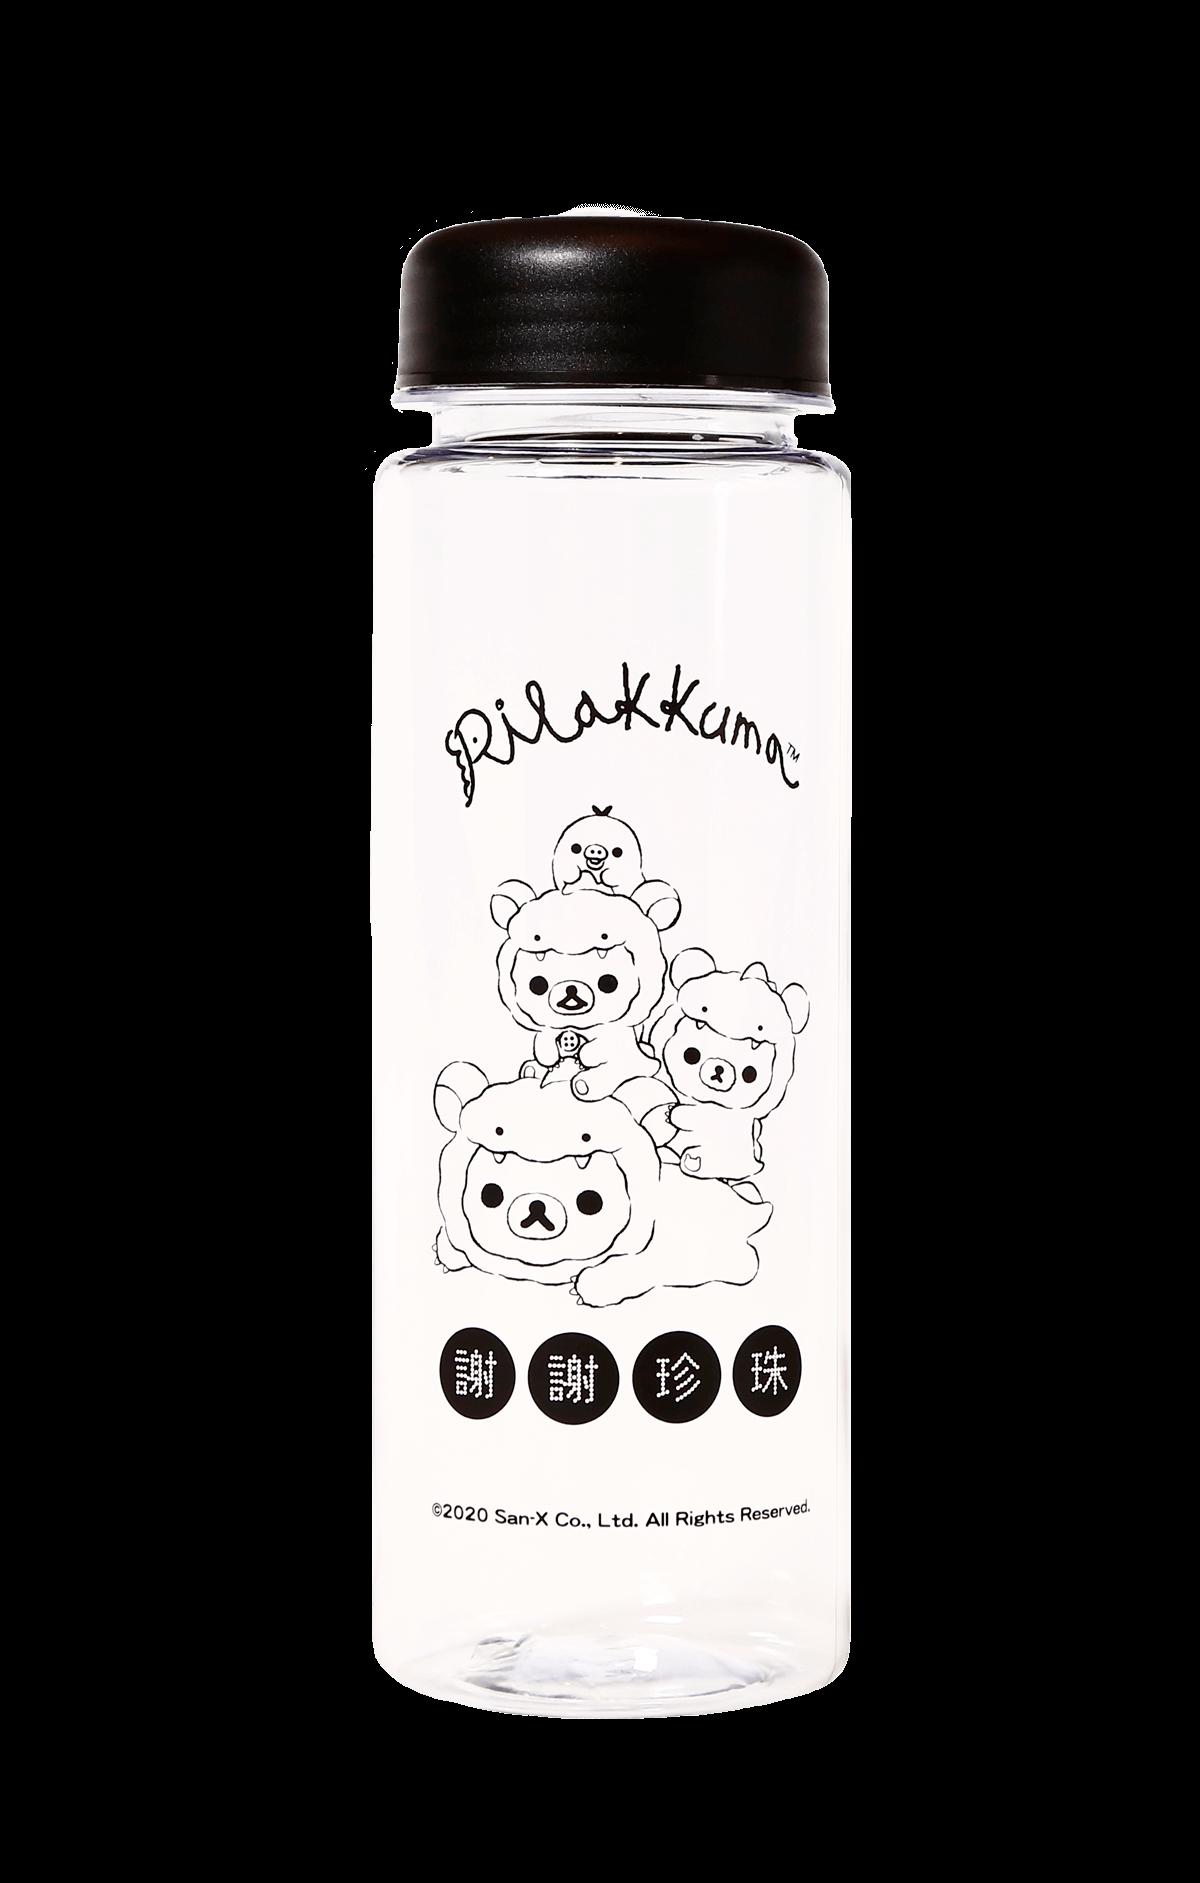 謝謝珍珠(シェイシェイパール)×リラックマ『マイボトル 1,200円(税別)』